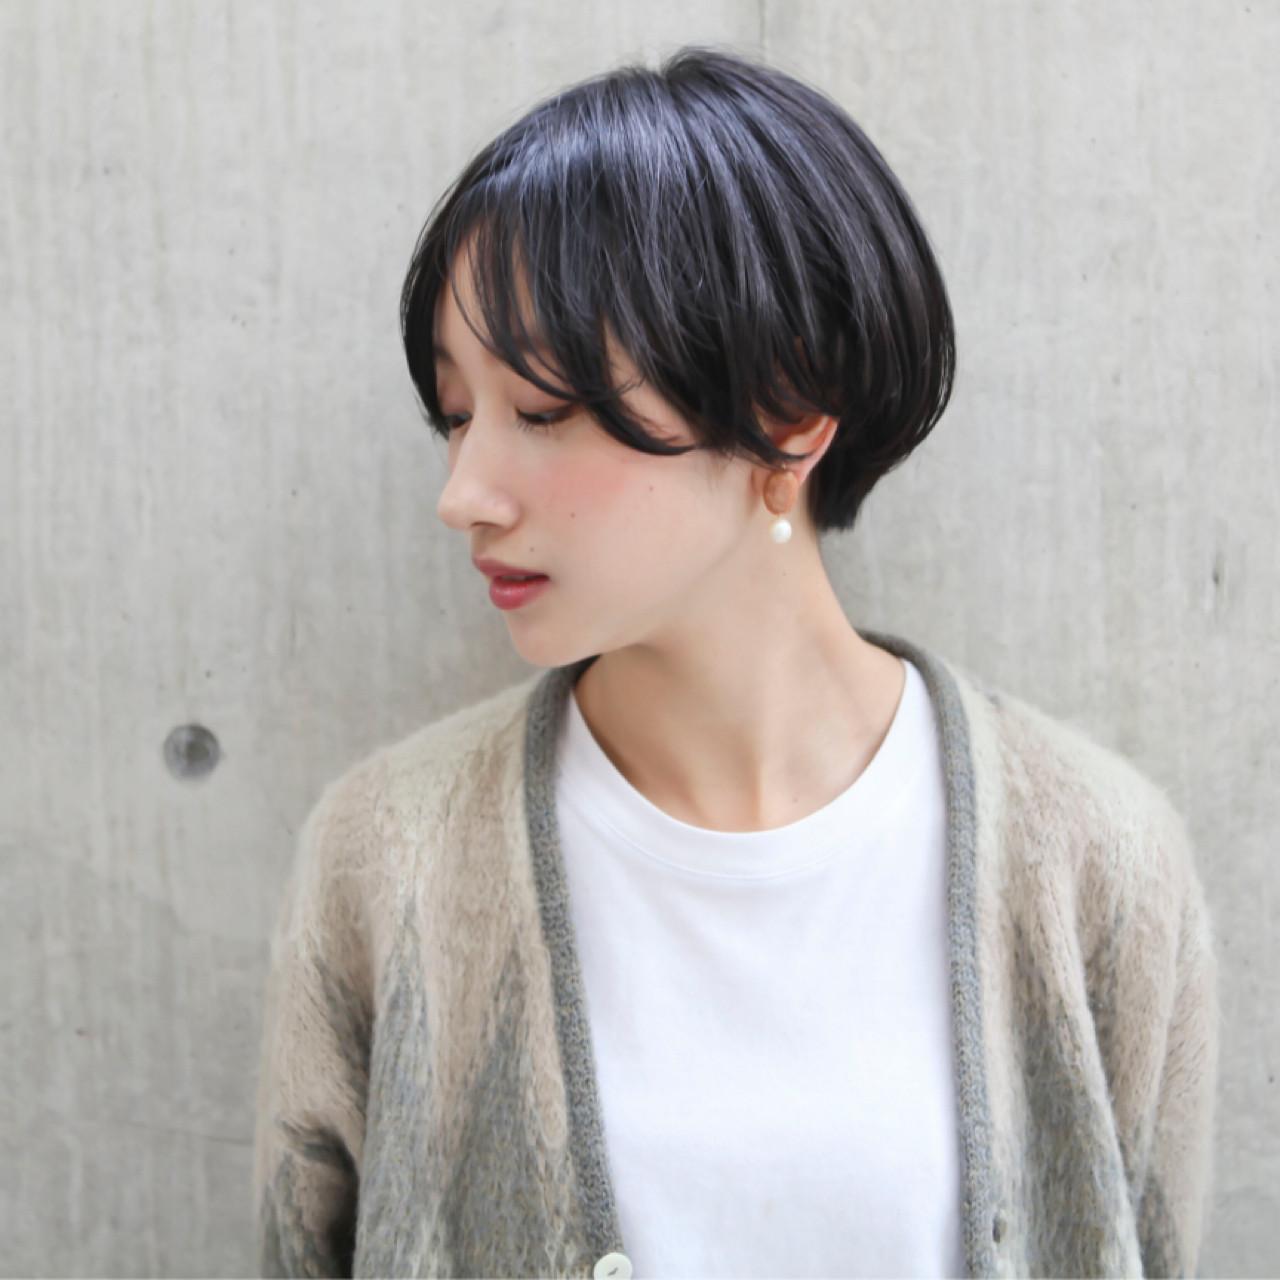 女度を上げるショートのヘアスタイルが可愛すぎる♡  タカハシ アヤミ | ROVER